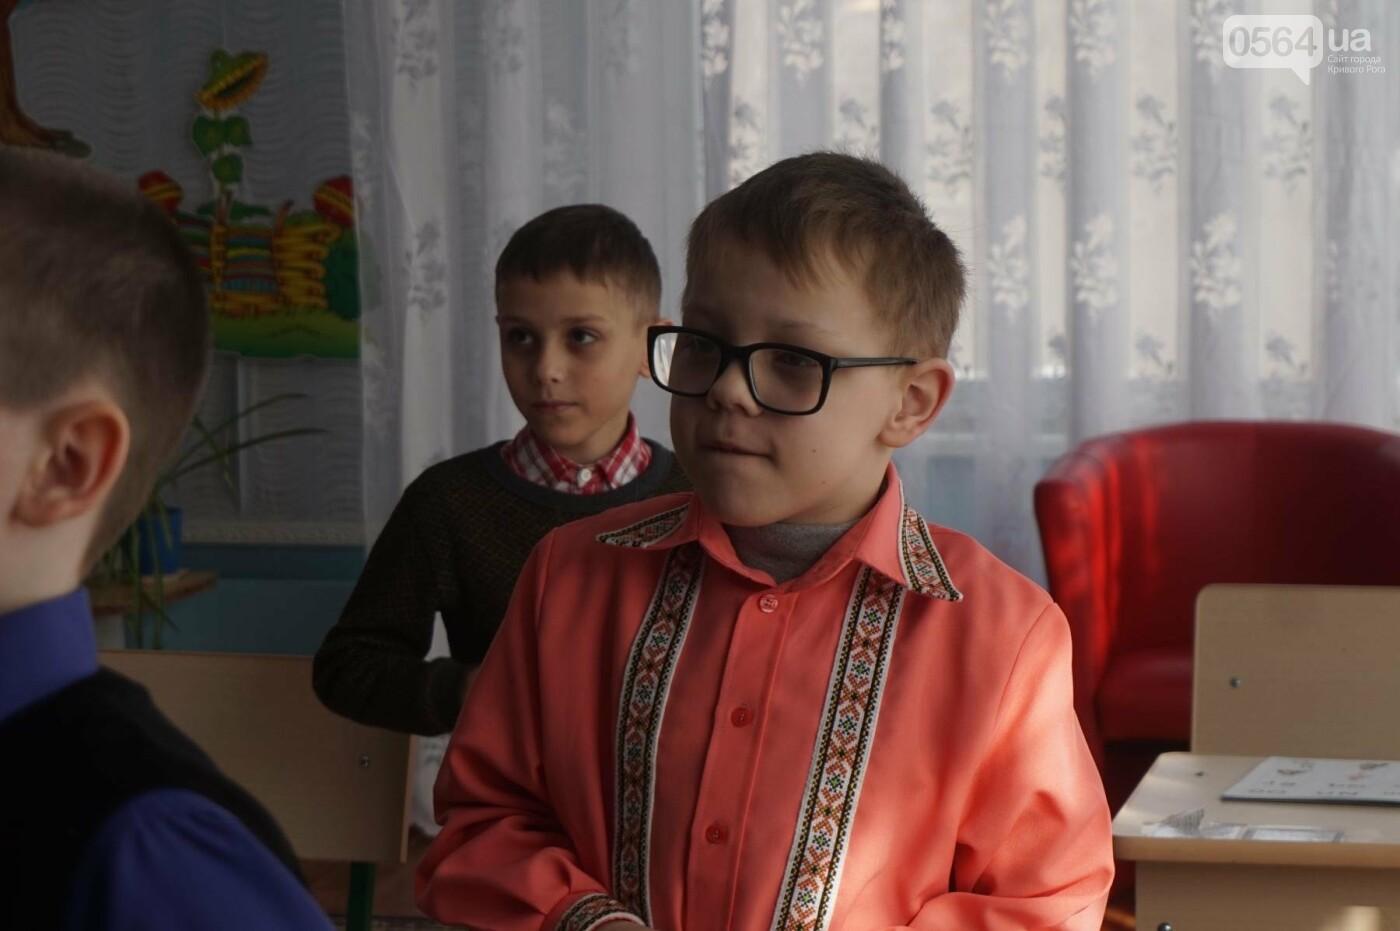 Приближаясь к Европе: Как в школах Кривого Рога внедряют инклюзию (ФОТО), фото-18